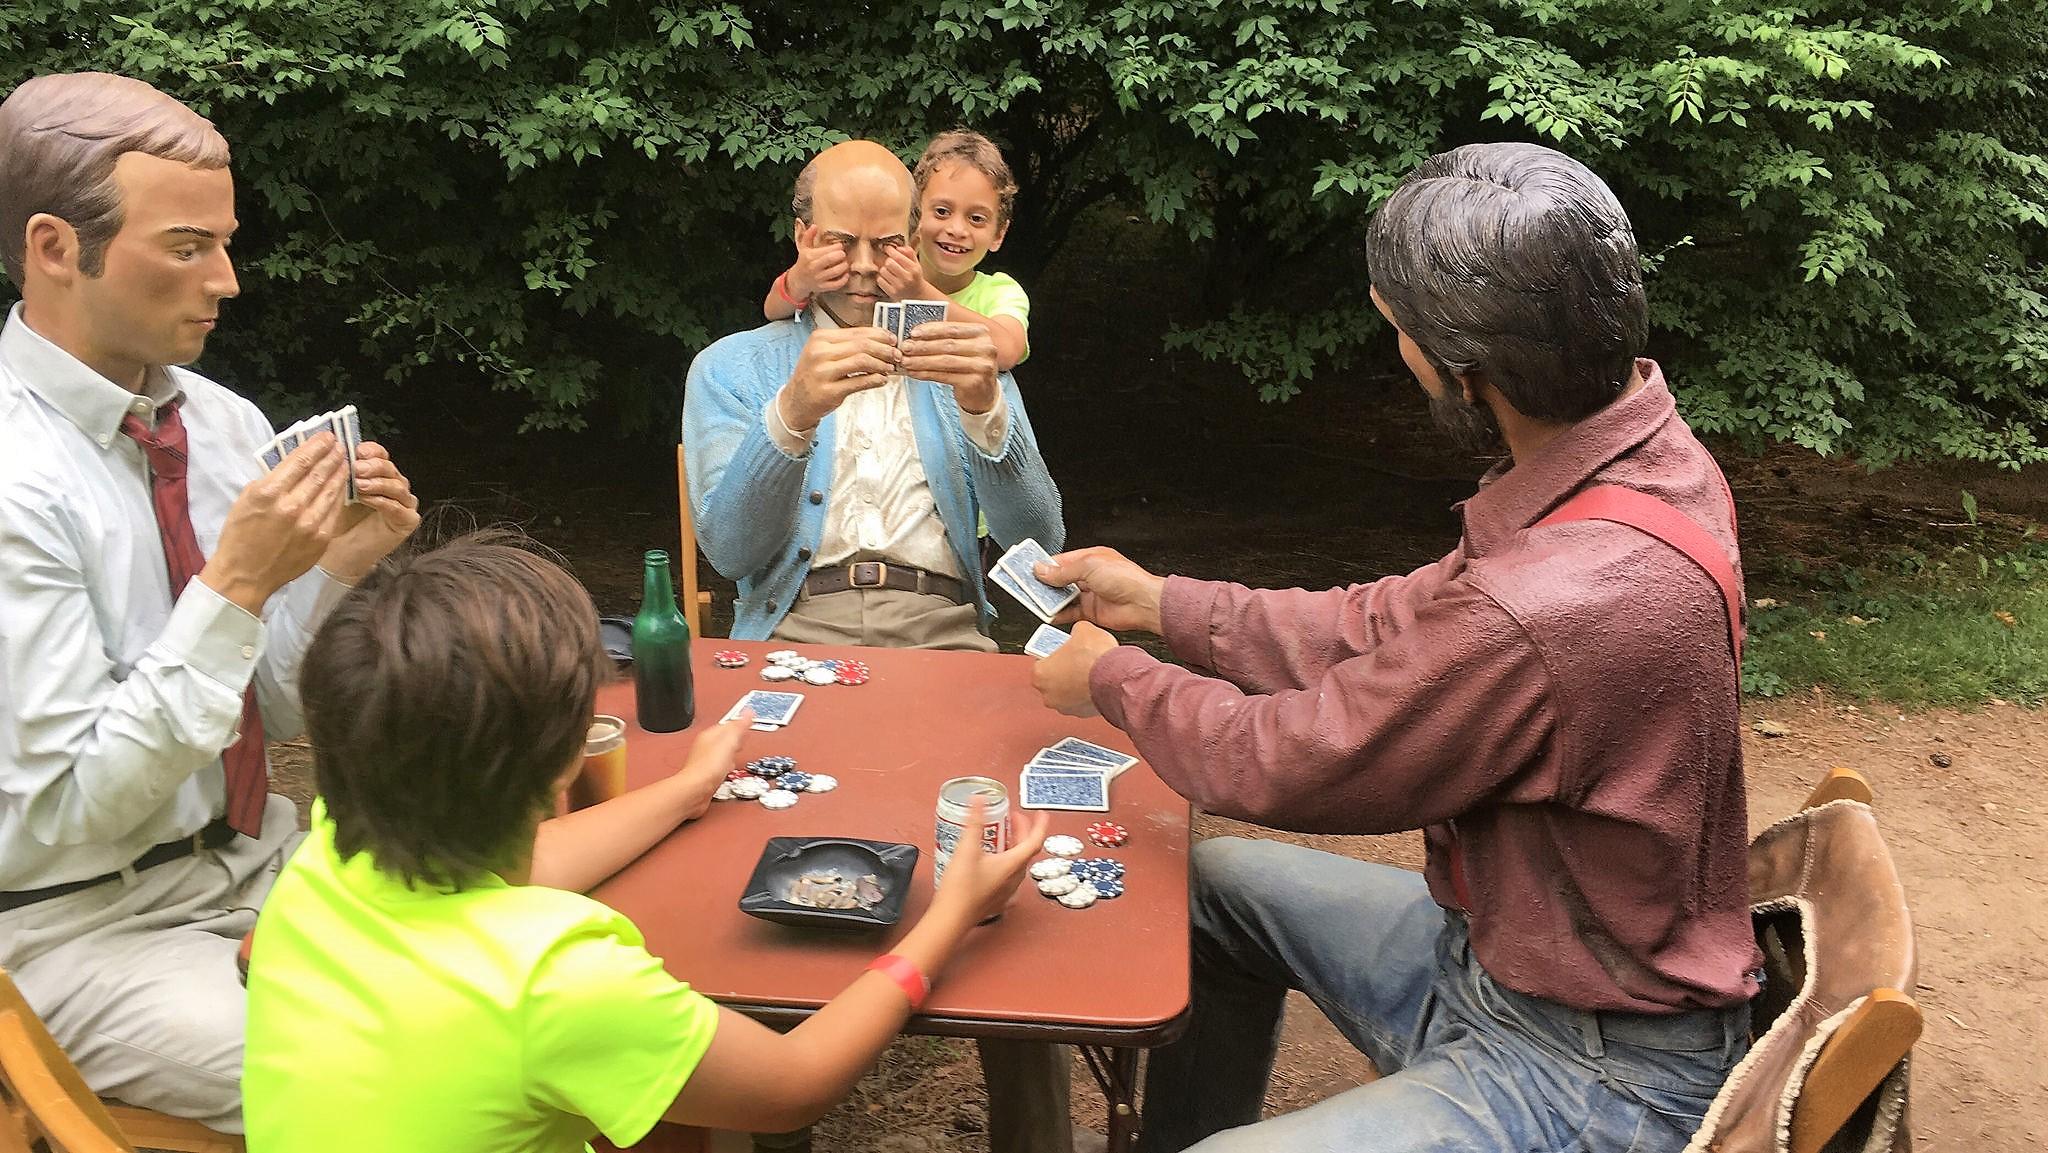 kids activities at Sculpture Garden - garden of sculptures